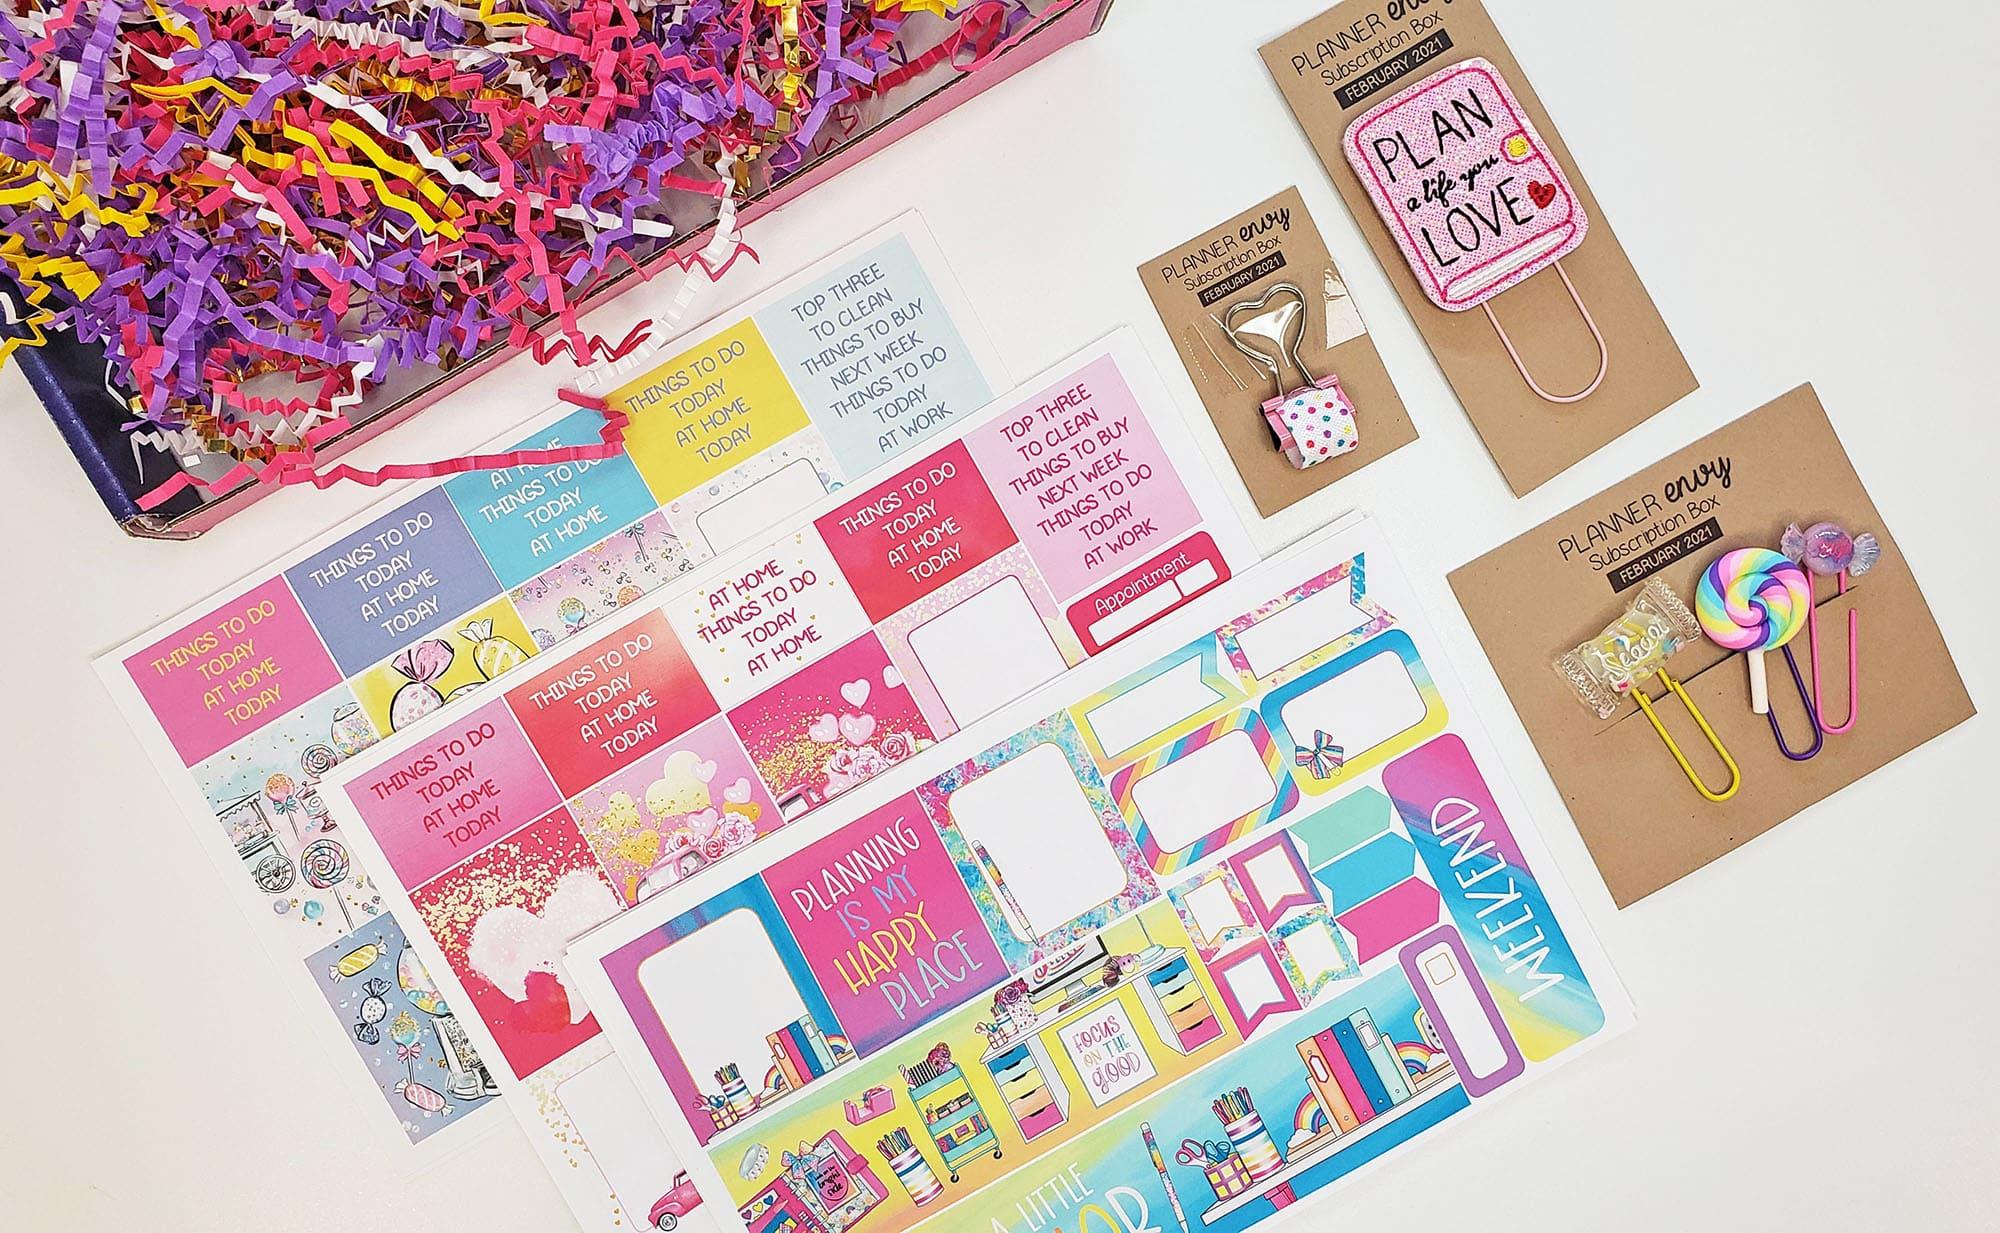 February Planner Envy Box